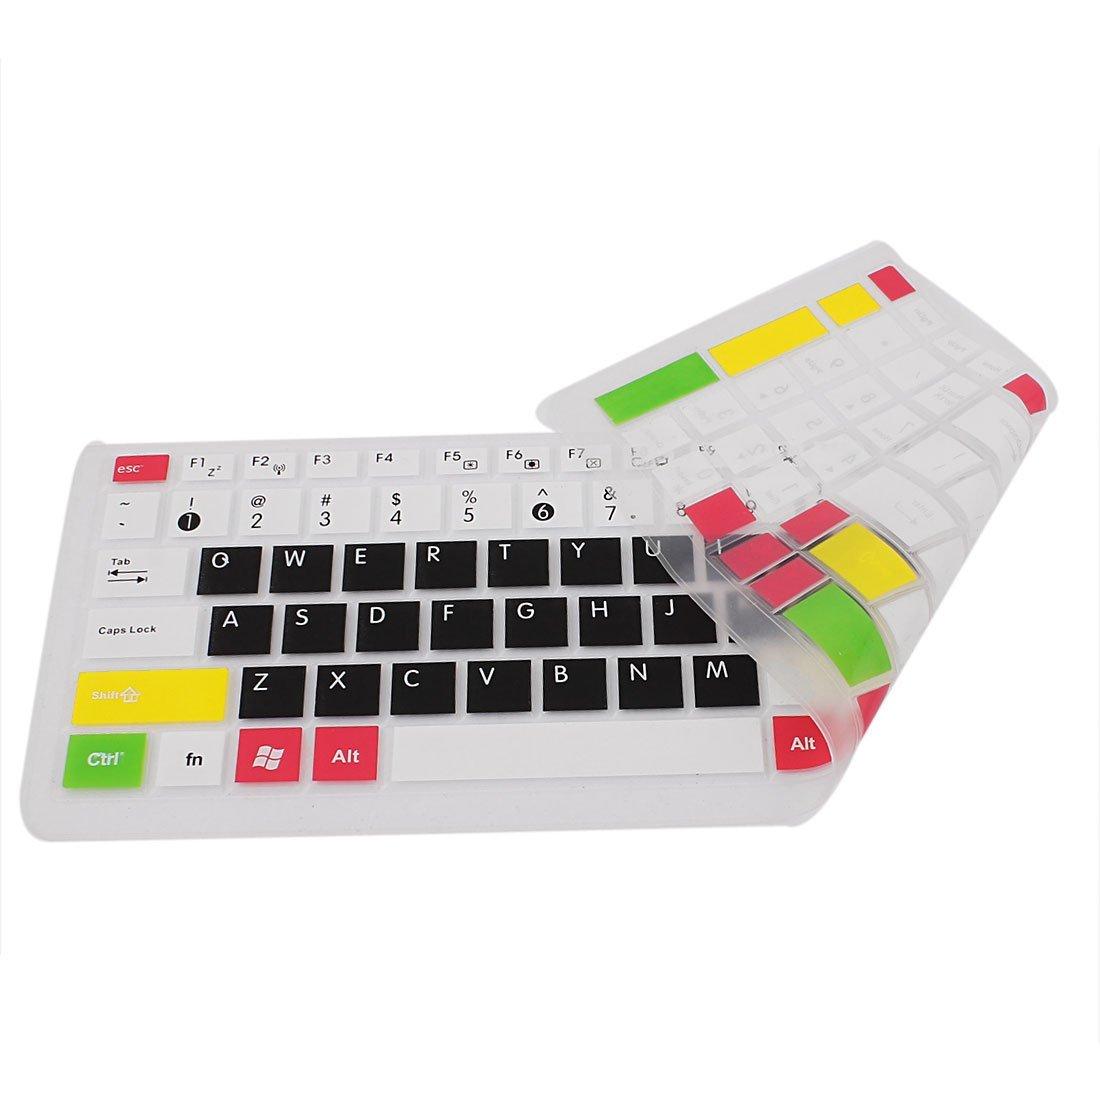 Amazon.com: eDealMax Silicona teclado del ordenador portátil de la piel cubierta de la película Blanco Negro Para Asus N50 / N51: Electronics